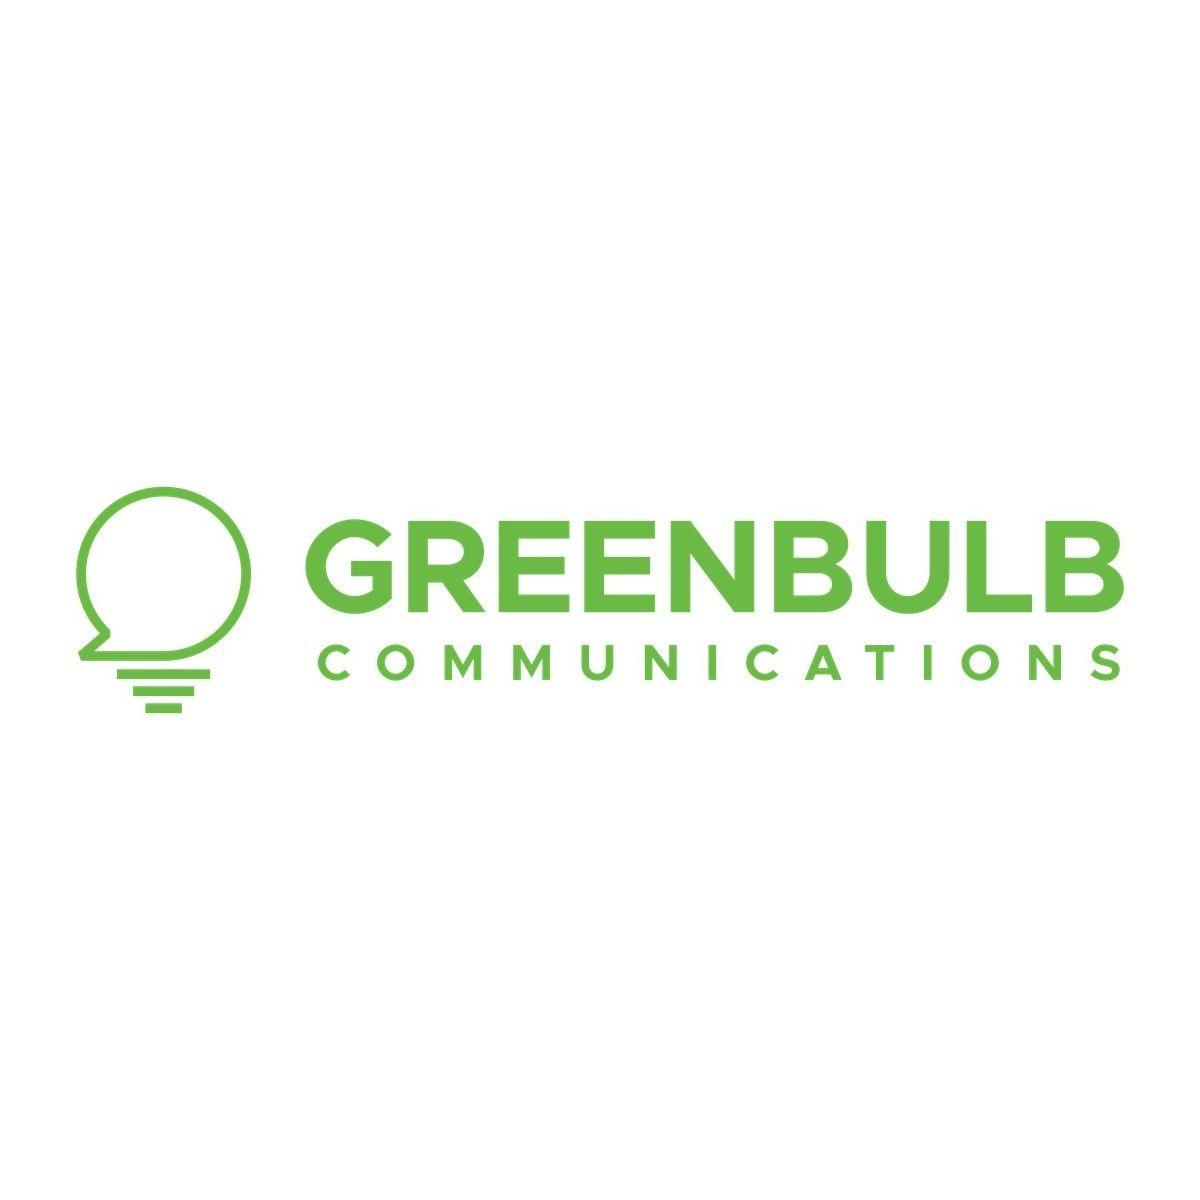 Green Bulb Communications